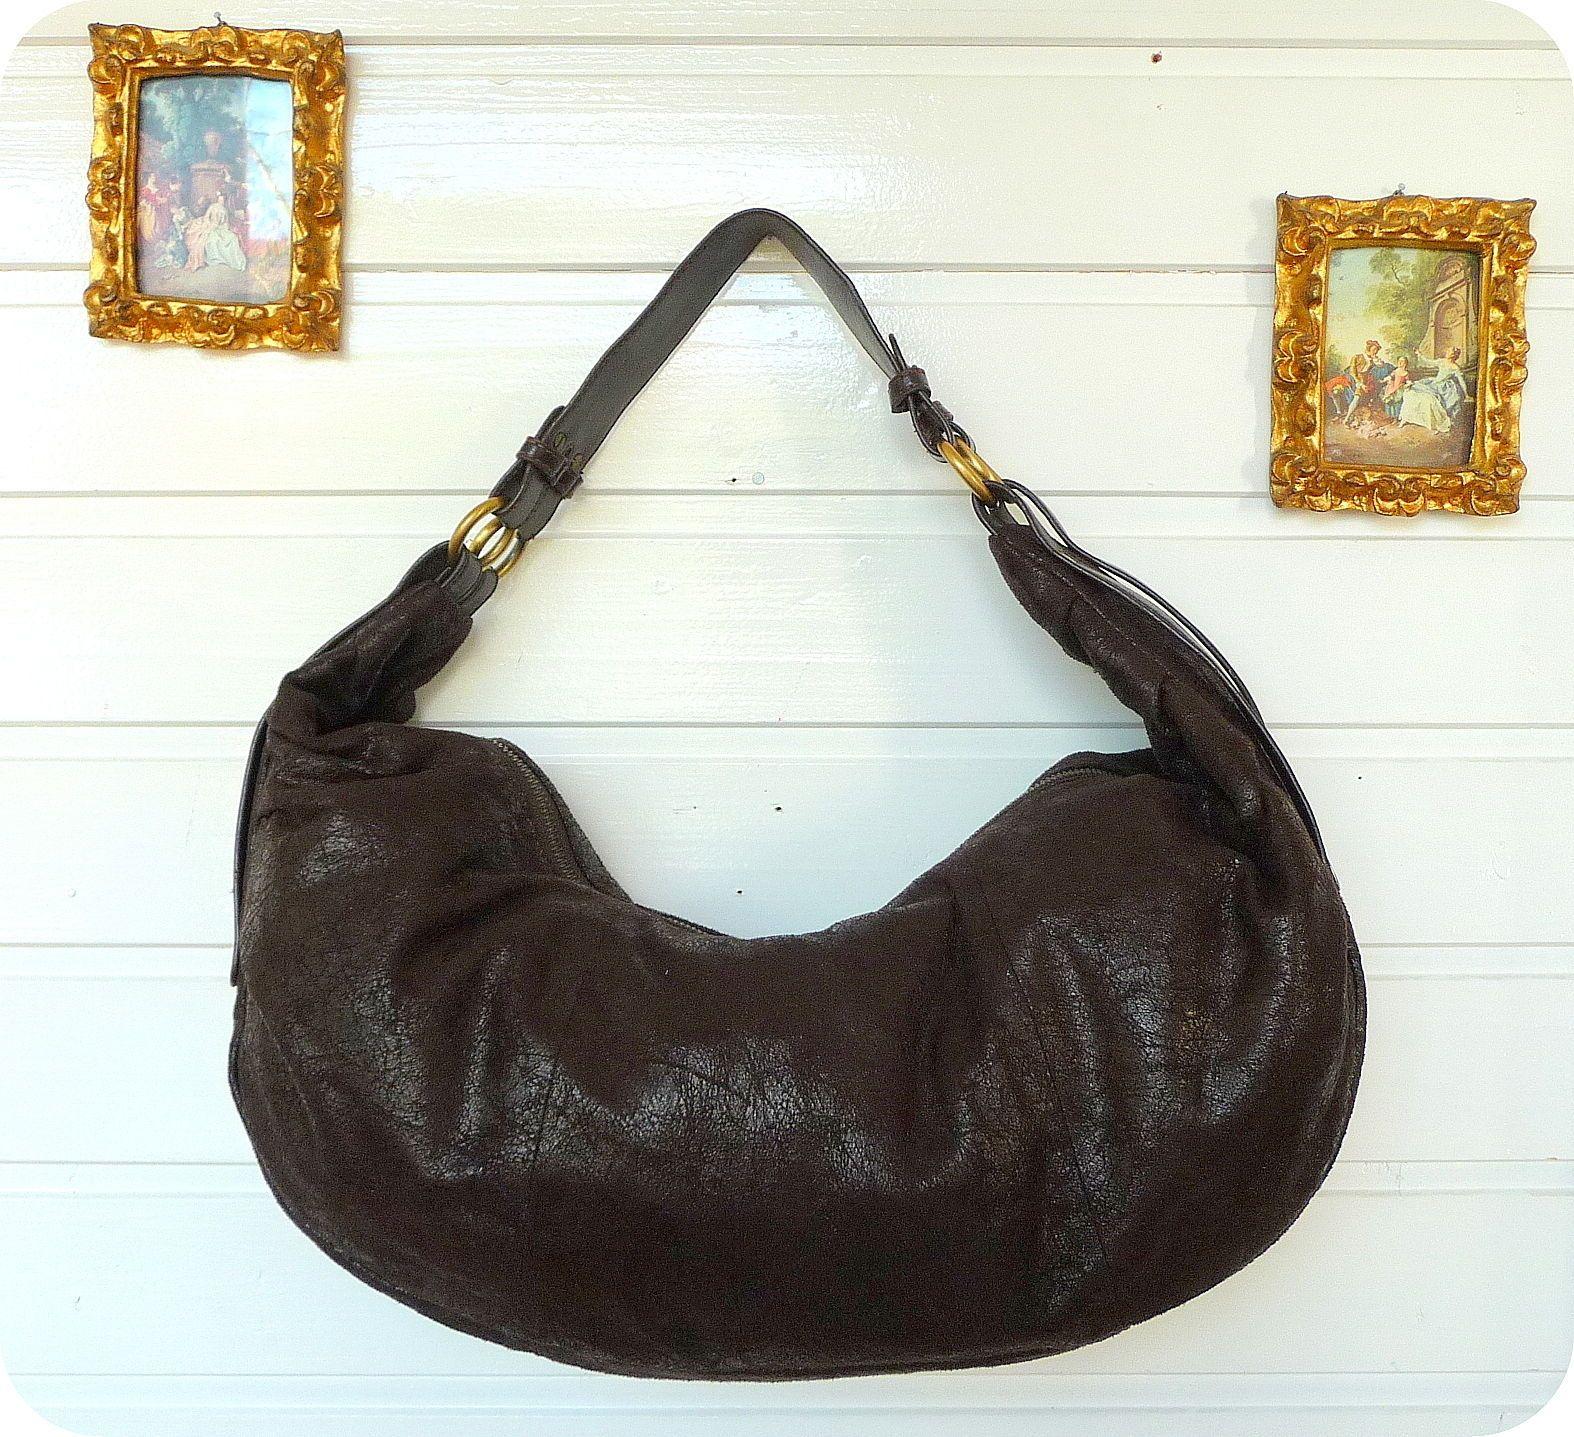 096d62ba0e9a6 ESTELLE Beutel Tasche Schultertasche Bag Shopper Braun Handtasche Purse